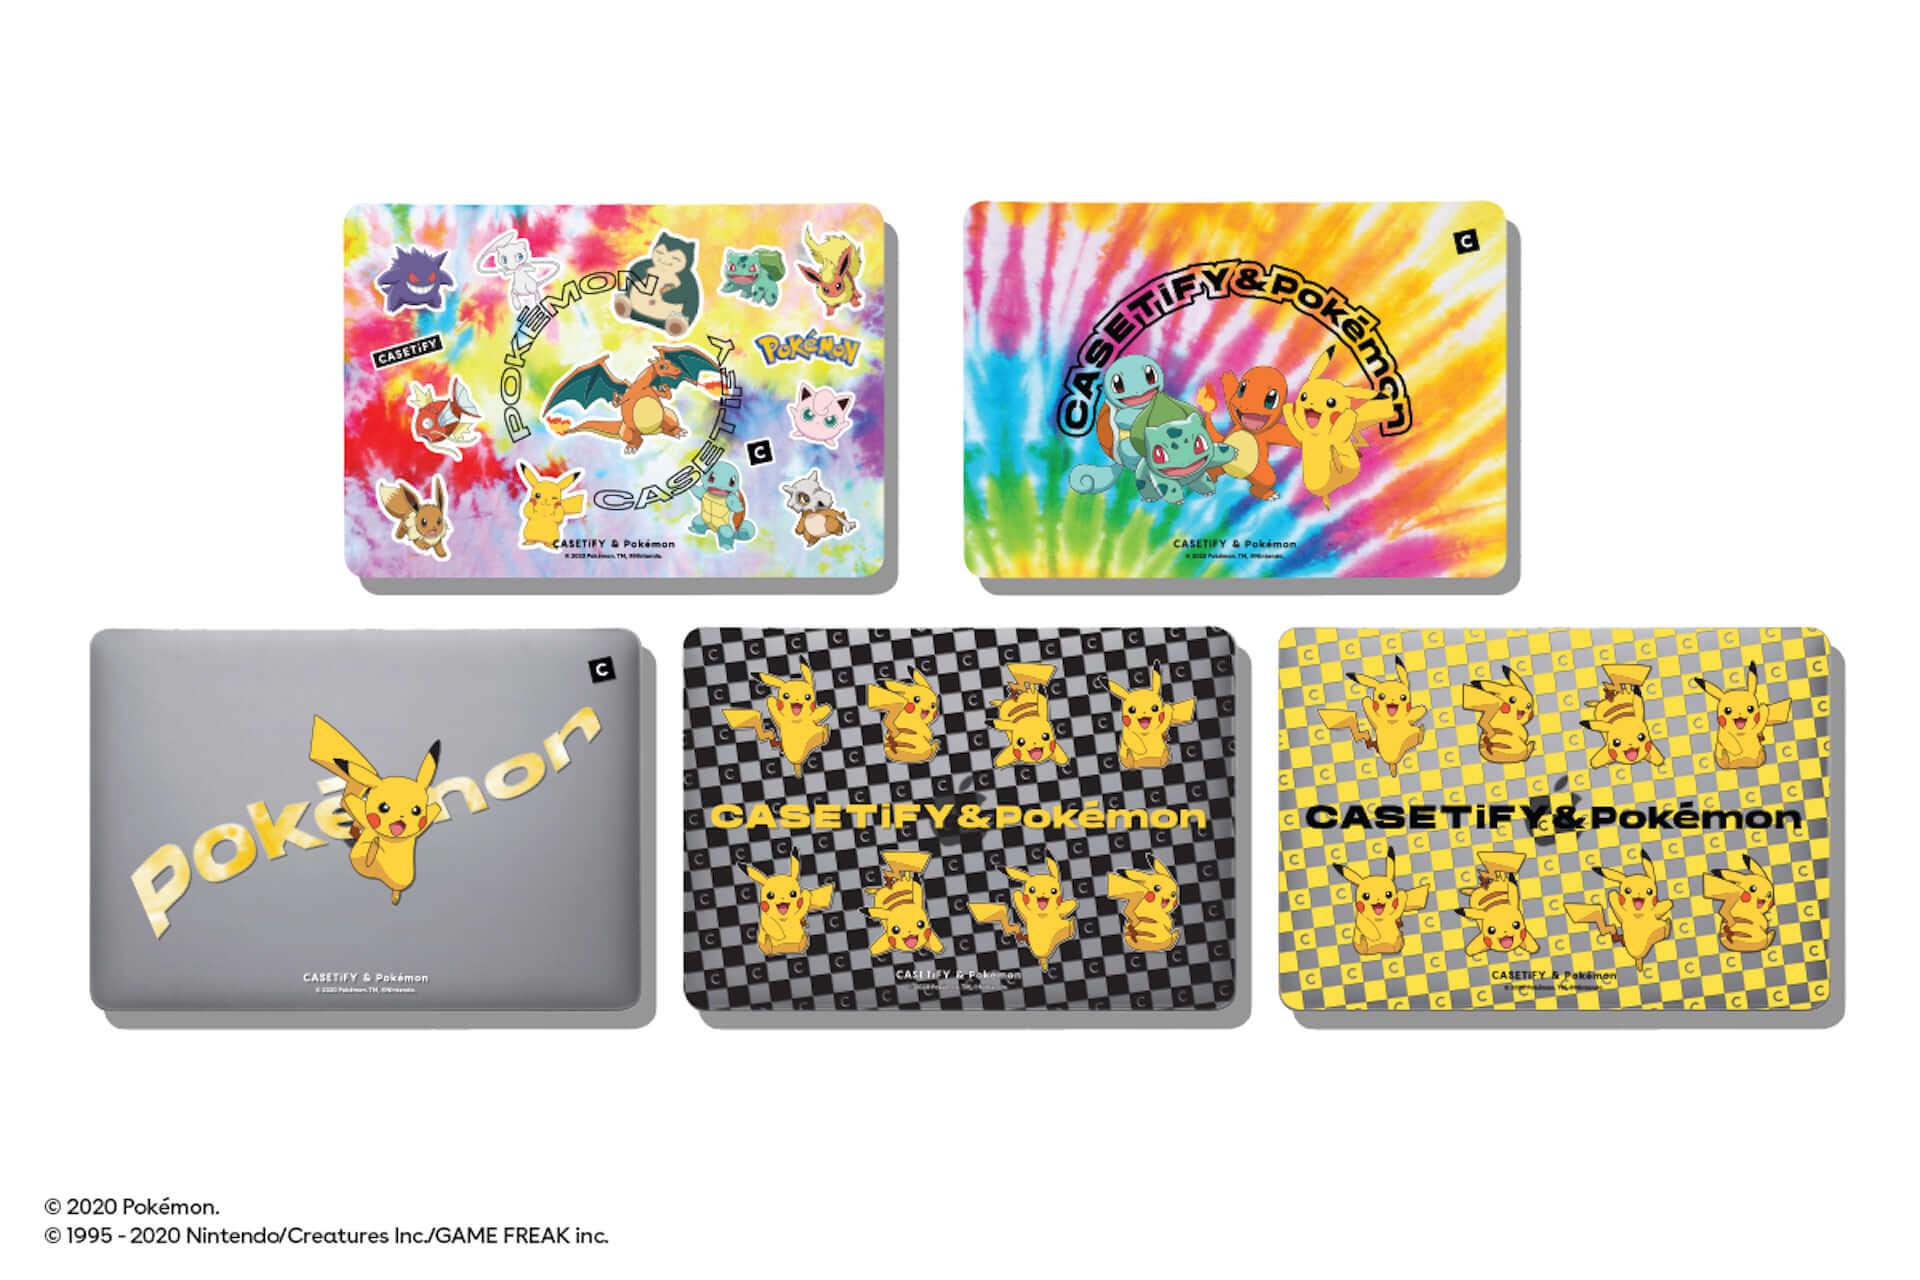 CASETiFYとポケモンの再タッグが実現!新コレクション第1弾にiPhoneケース、ワイヤレスチャージャー等が発売決定 tech200727_casetify-pokemon_11-1920x1280